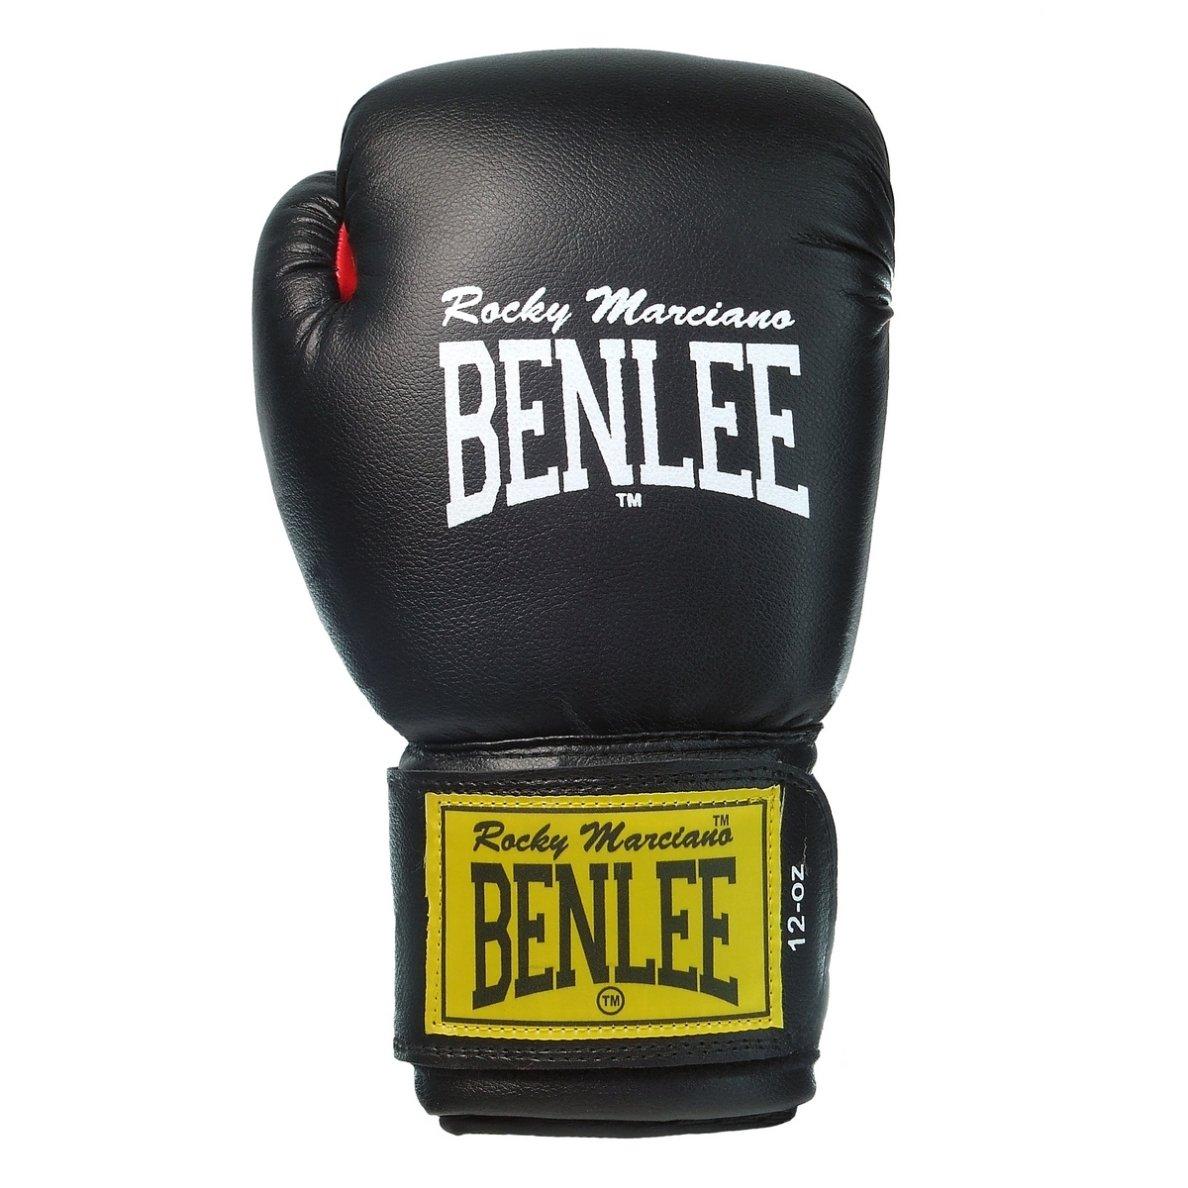 BENLEE Rocky Marciano Leder Boxhandschuh Fighter